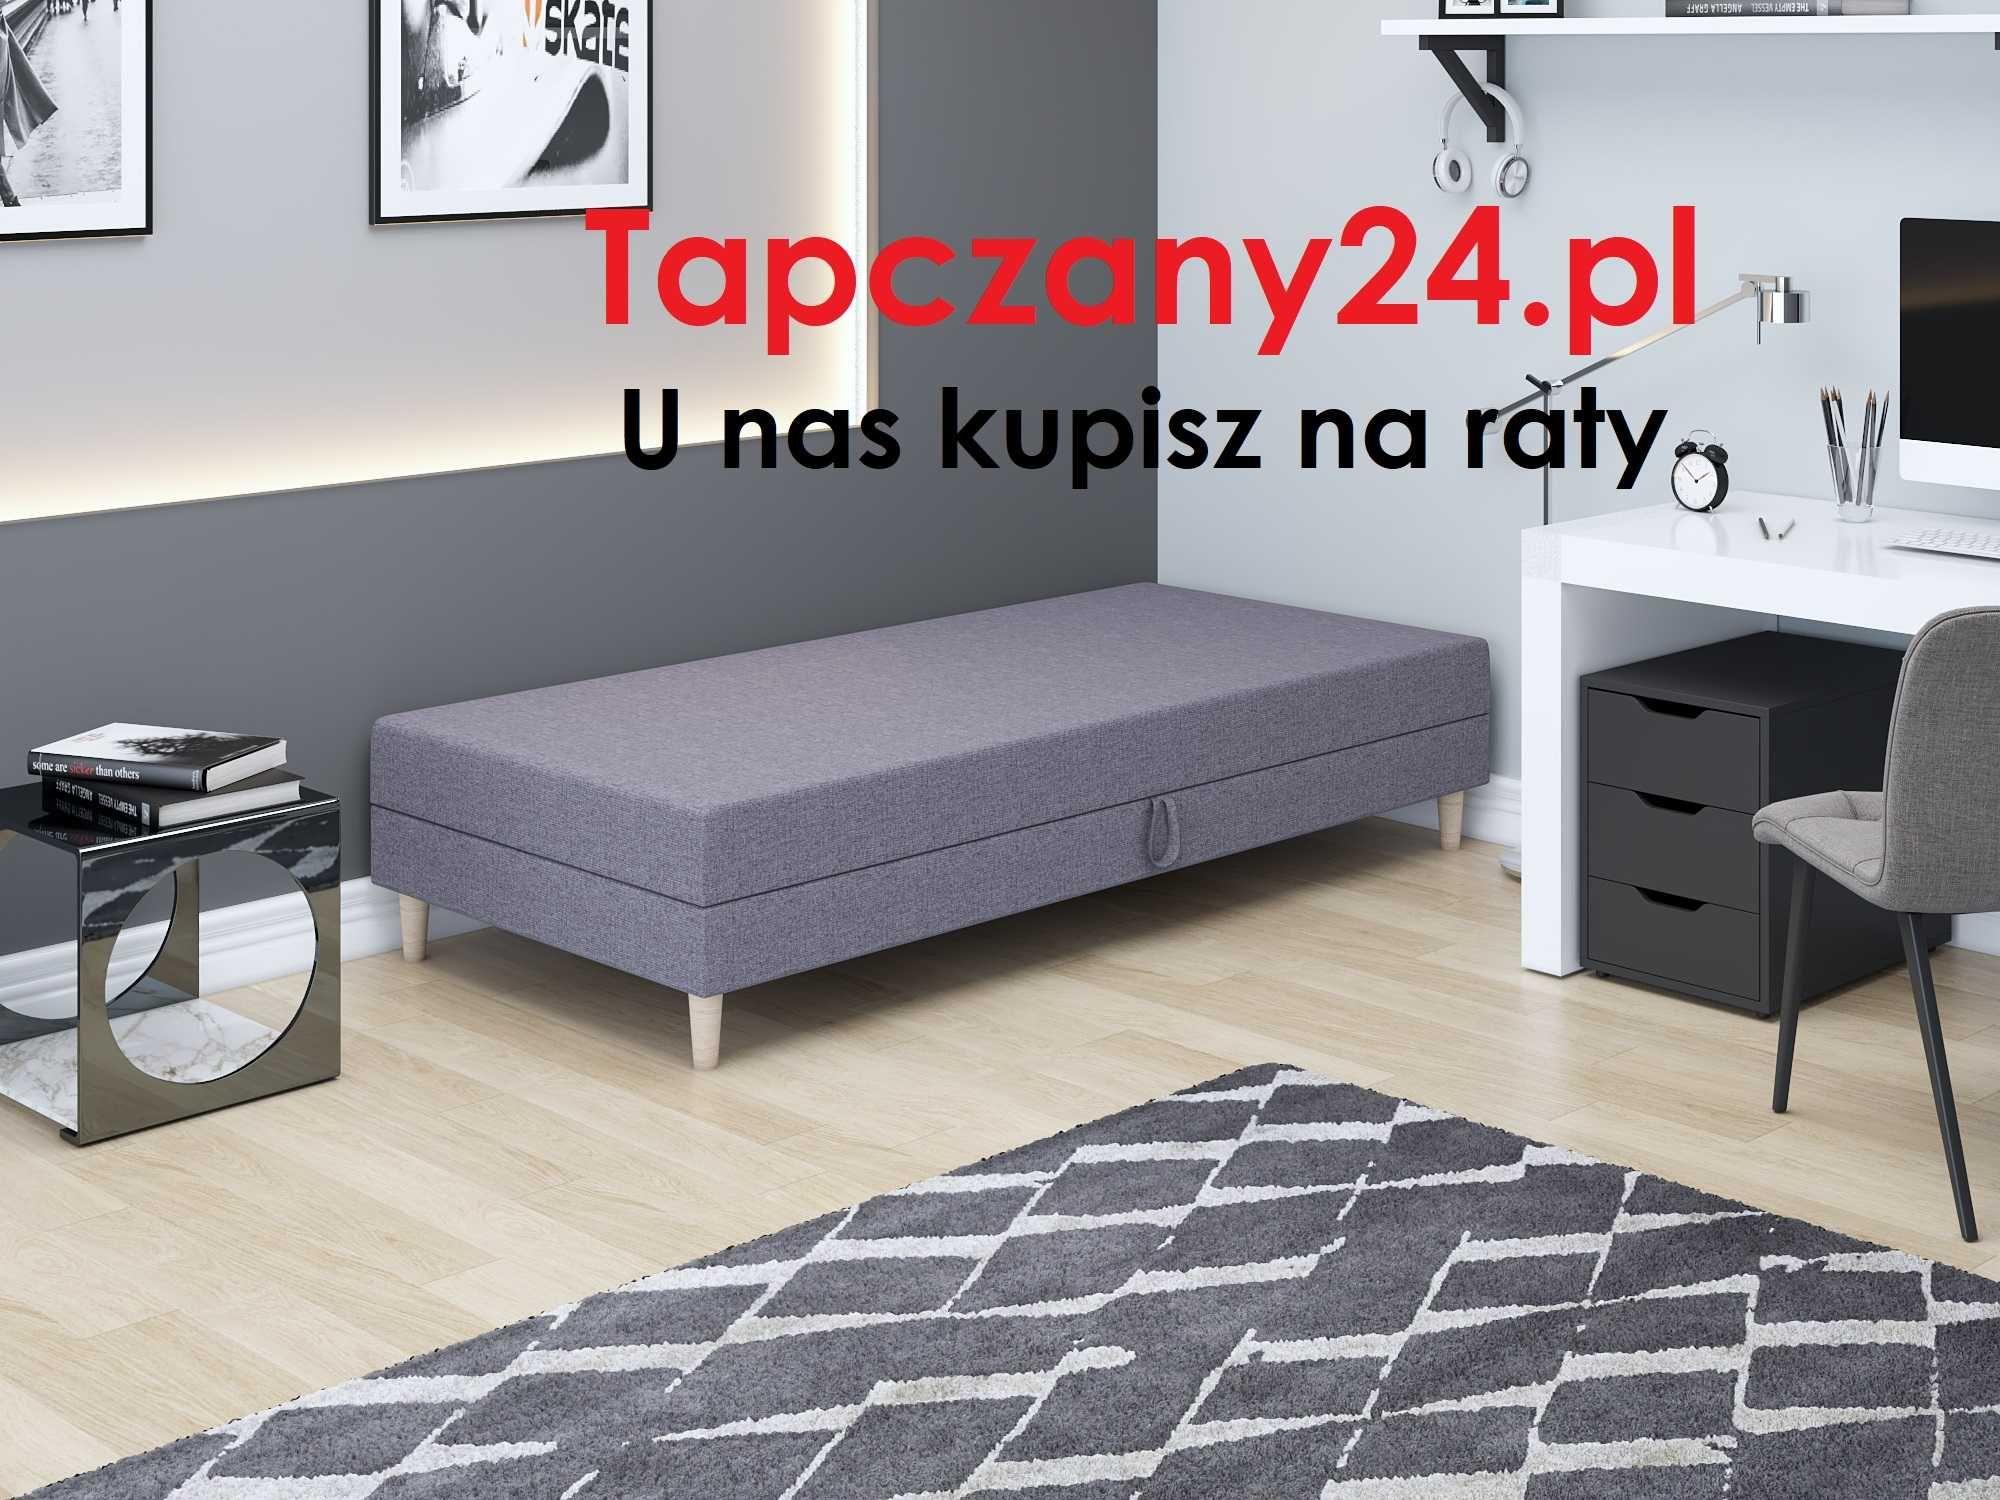 Łóżko młodzieżowe jednoosobowe skandynawskie +pojemnik +materac